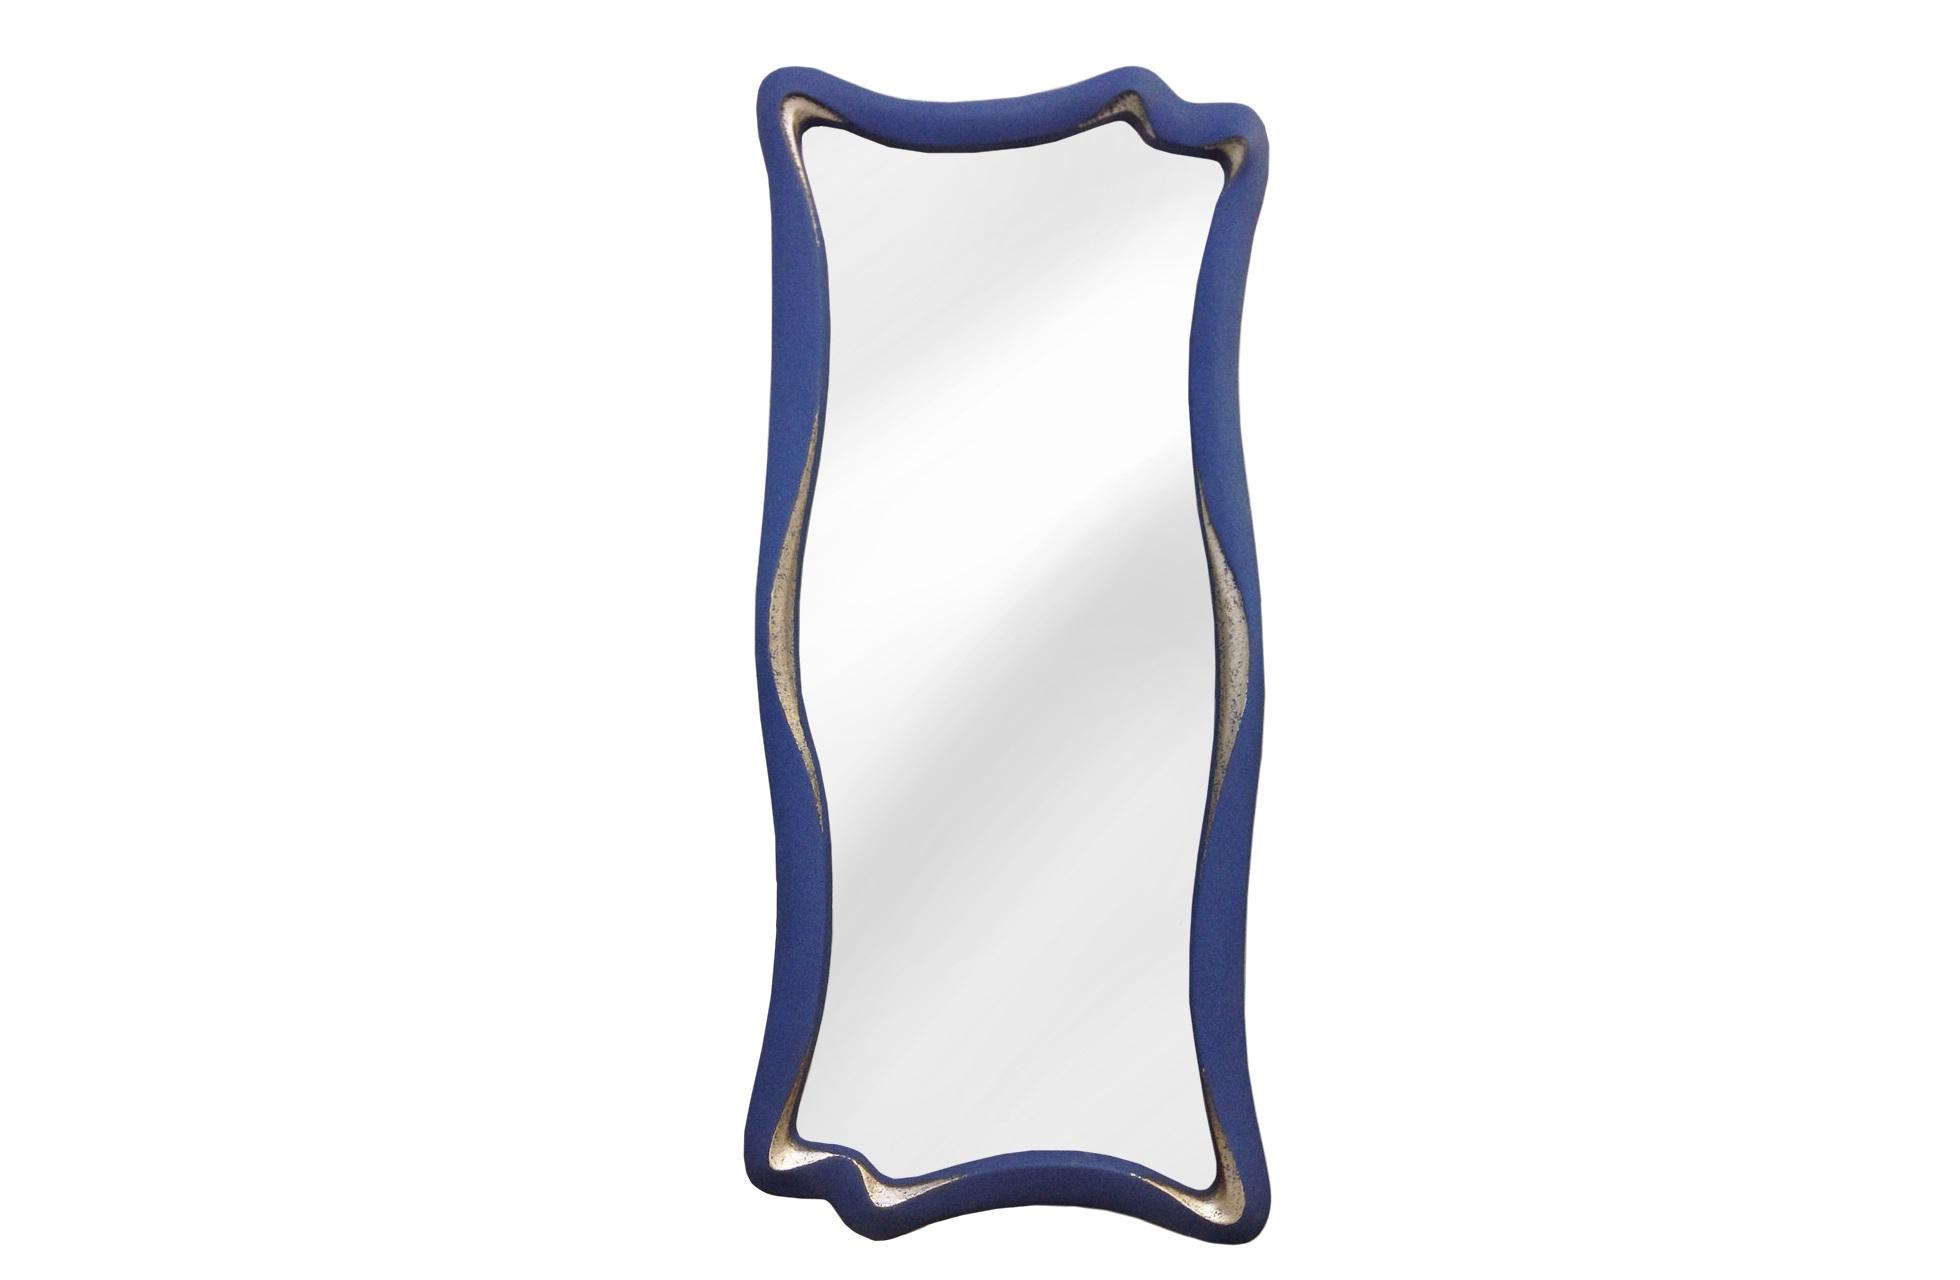 Зеркало МАРЭНастенные зеркала<br>&amp;lt;div&amp;gt;Необычное зеркало для смелого современного интерьера. Есть в нем что-то сюрреалистичное, текучее в духе Сальвадора Дали. Но особенно впечатляют цвет и фактура: синяя краска нанесена напылением и напоминает замшу, а серебряная ? шероховато, небрежными мазками. Рама изготовлена из современного композитного материала, очень твердого и прочного, как нельзя лучше подходящего для интересных дизанерских задумок.&amp;lt;/div&amp;gt;&amp;lt;div&amp;gt;&amp;lt;br&amp;gt;&amp;lt;/div&amp;gt;&amp;lt;div&amp;gt;Цвет:&amp;amp;nbsp;Синий ,Серебро - Замша&amp;lt;/div&amp;gt;<br><br>Material: Полиуретан<br>Length см: None<br>Width см: 53<br>Depth см: 4<br>Height см: 120